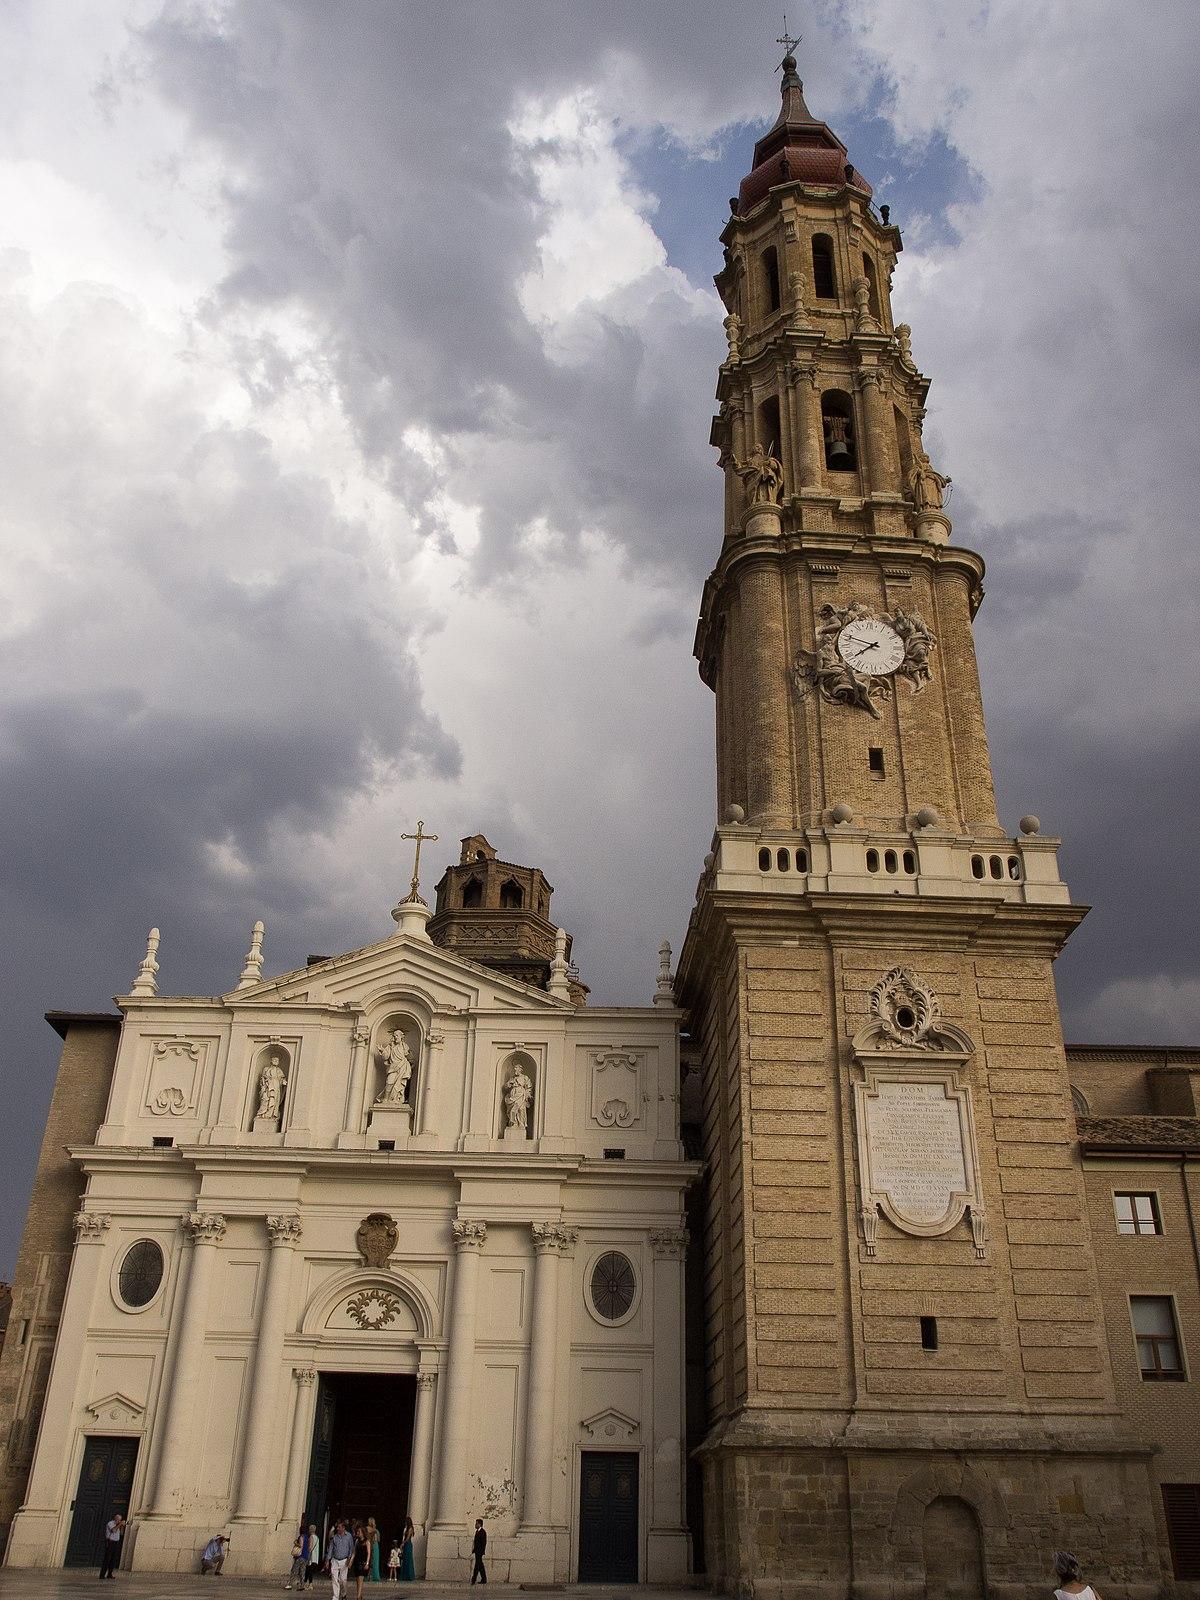 Catedral del Salvador de Zaragoza - Wikipedia, la enciclopedia libre